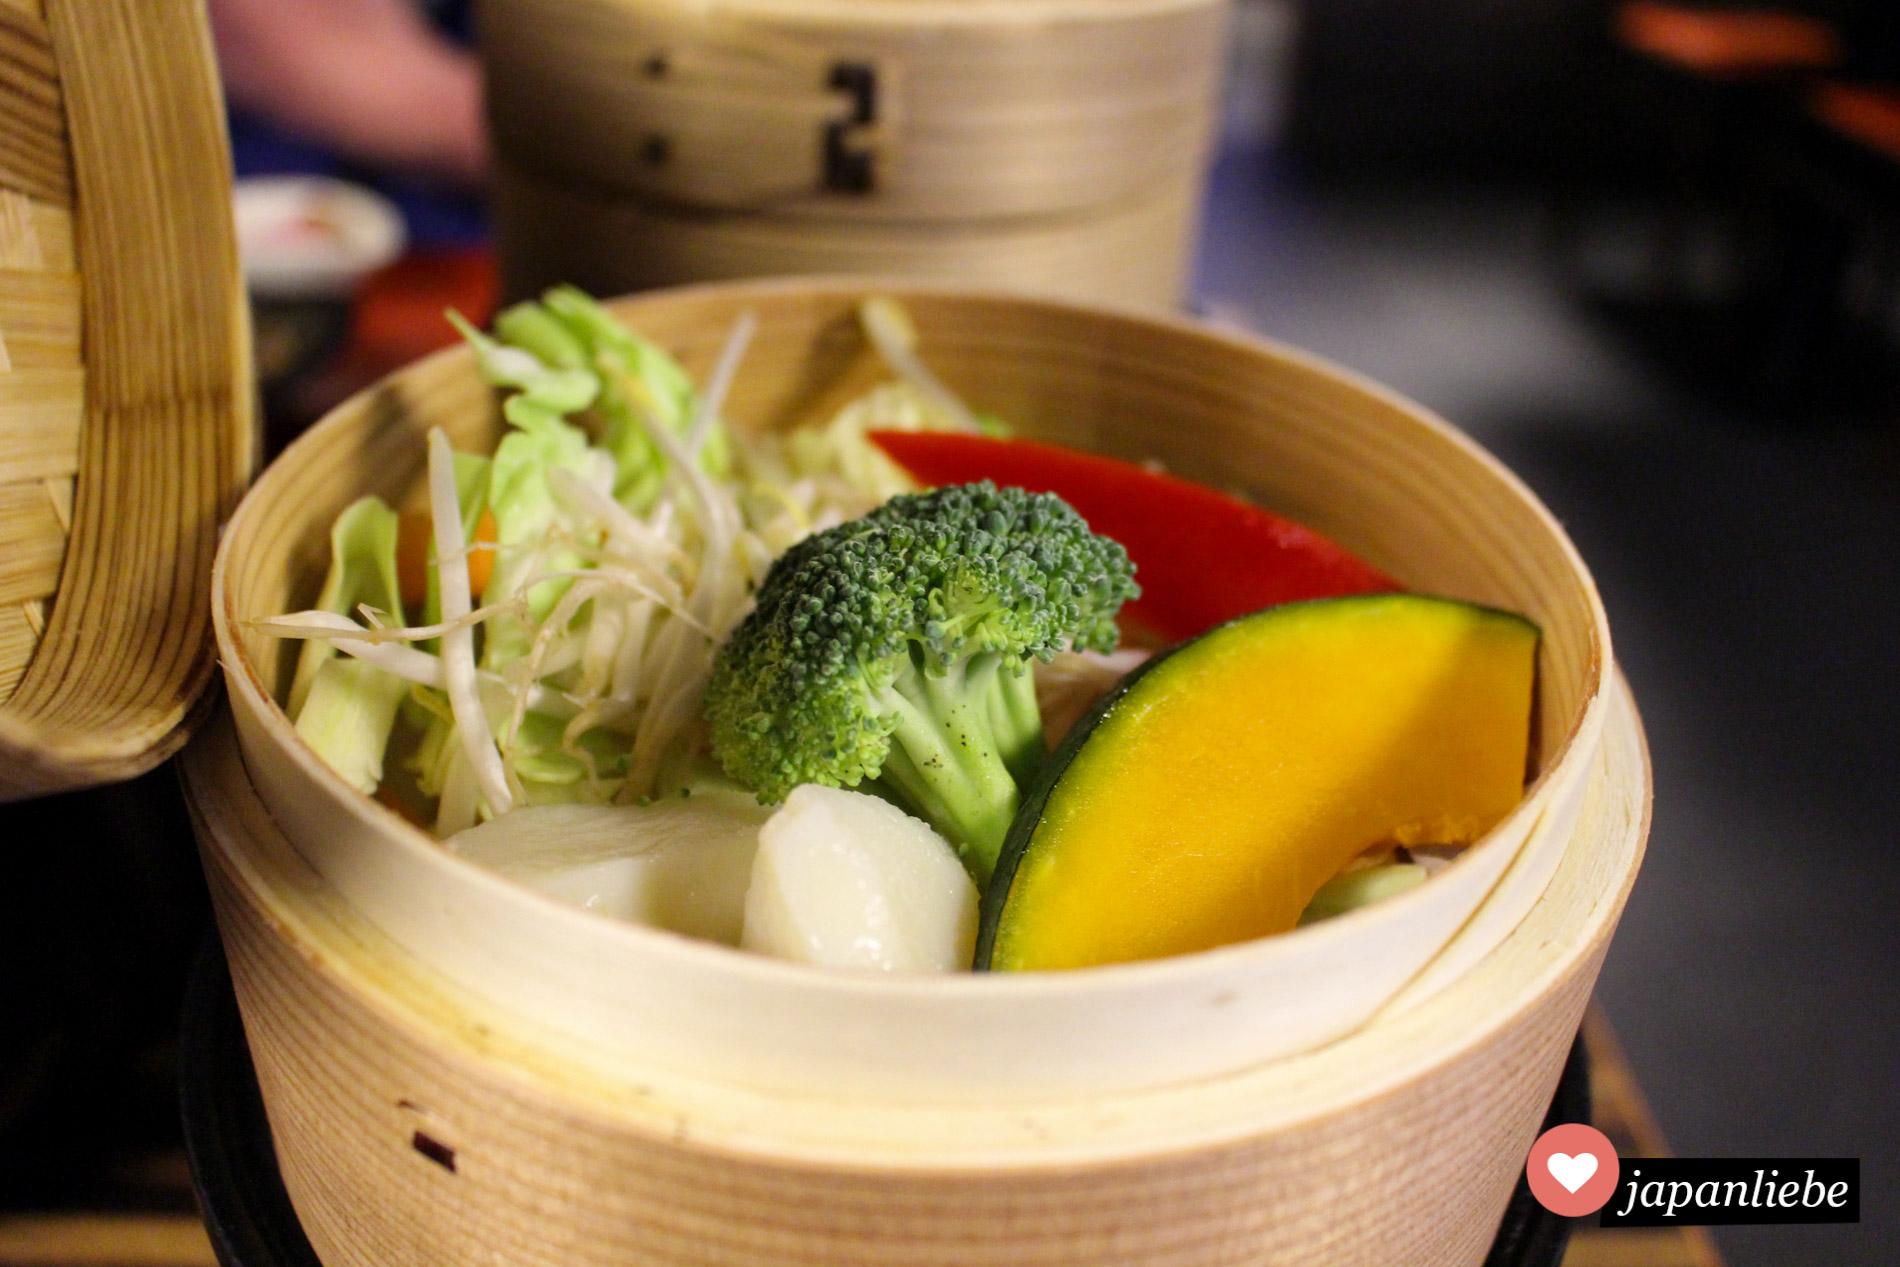 Die Deluxe-Version eines japanischen Frühstücks enthält sogar frisch gedämpftes Gemüse.